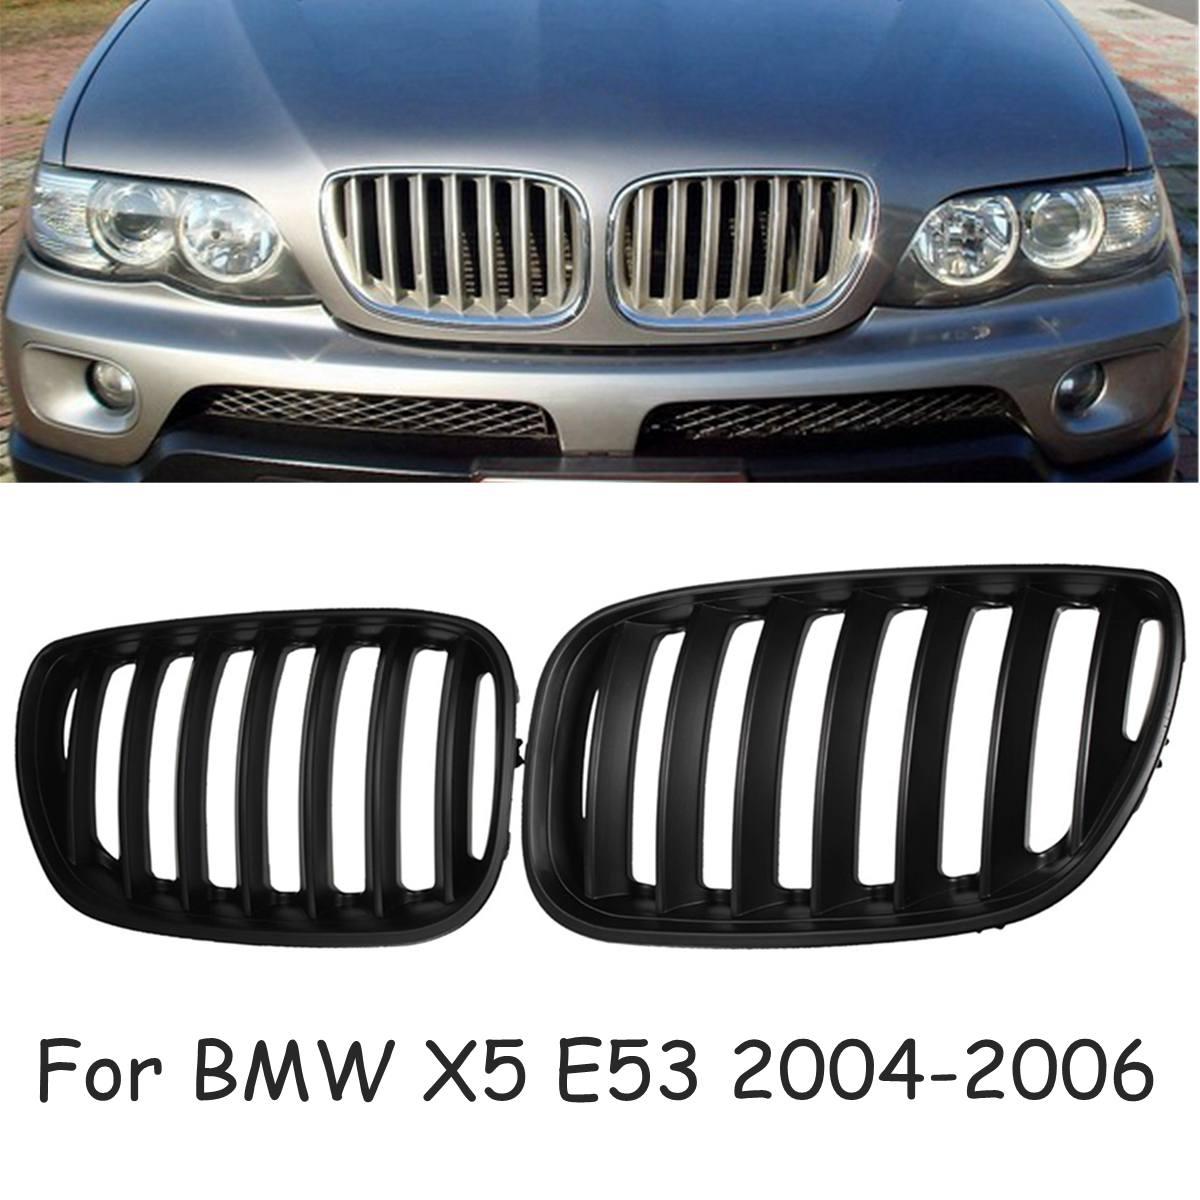 Pour BMW X5 E53 2004-2006 paire mat noir Chrome capot avant rein Sport grilles Grille pare-chocs avant calandre voiture style